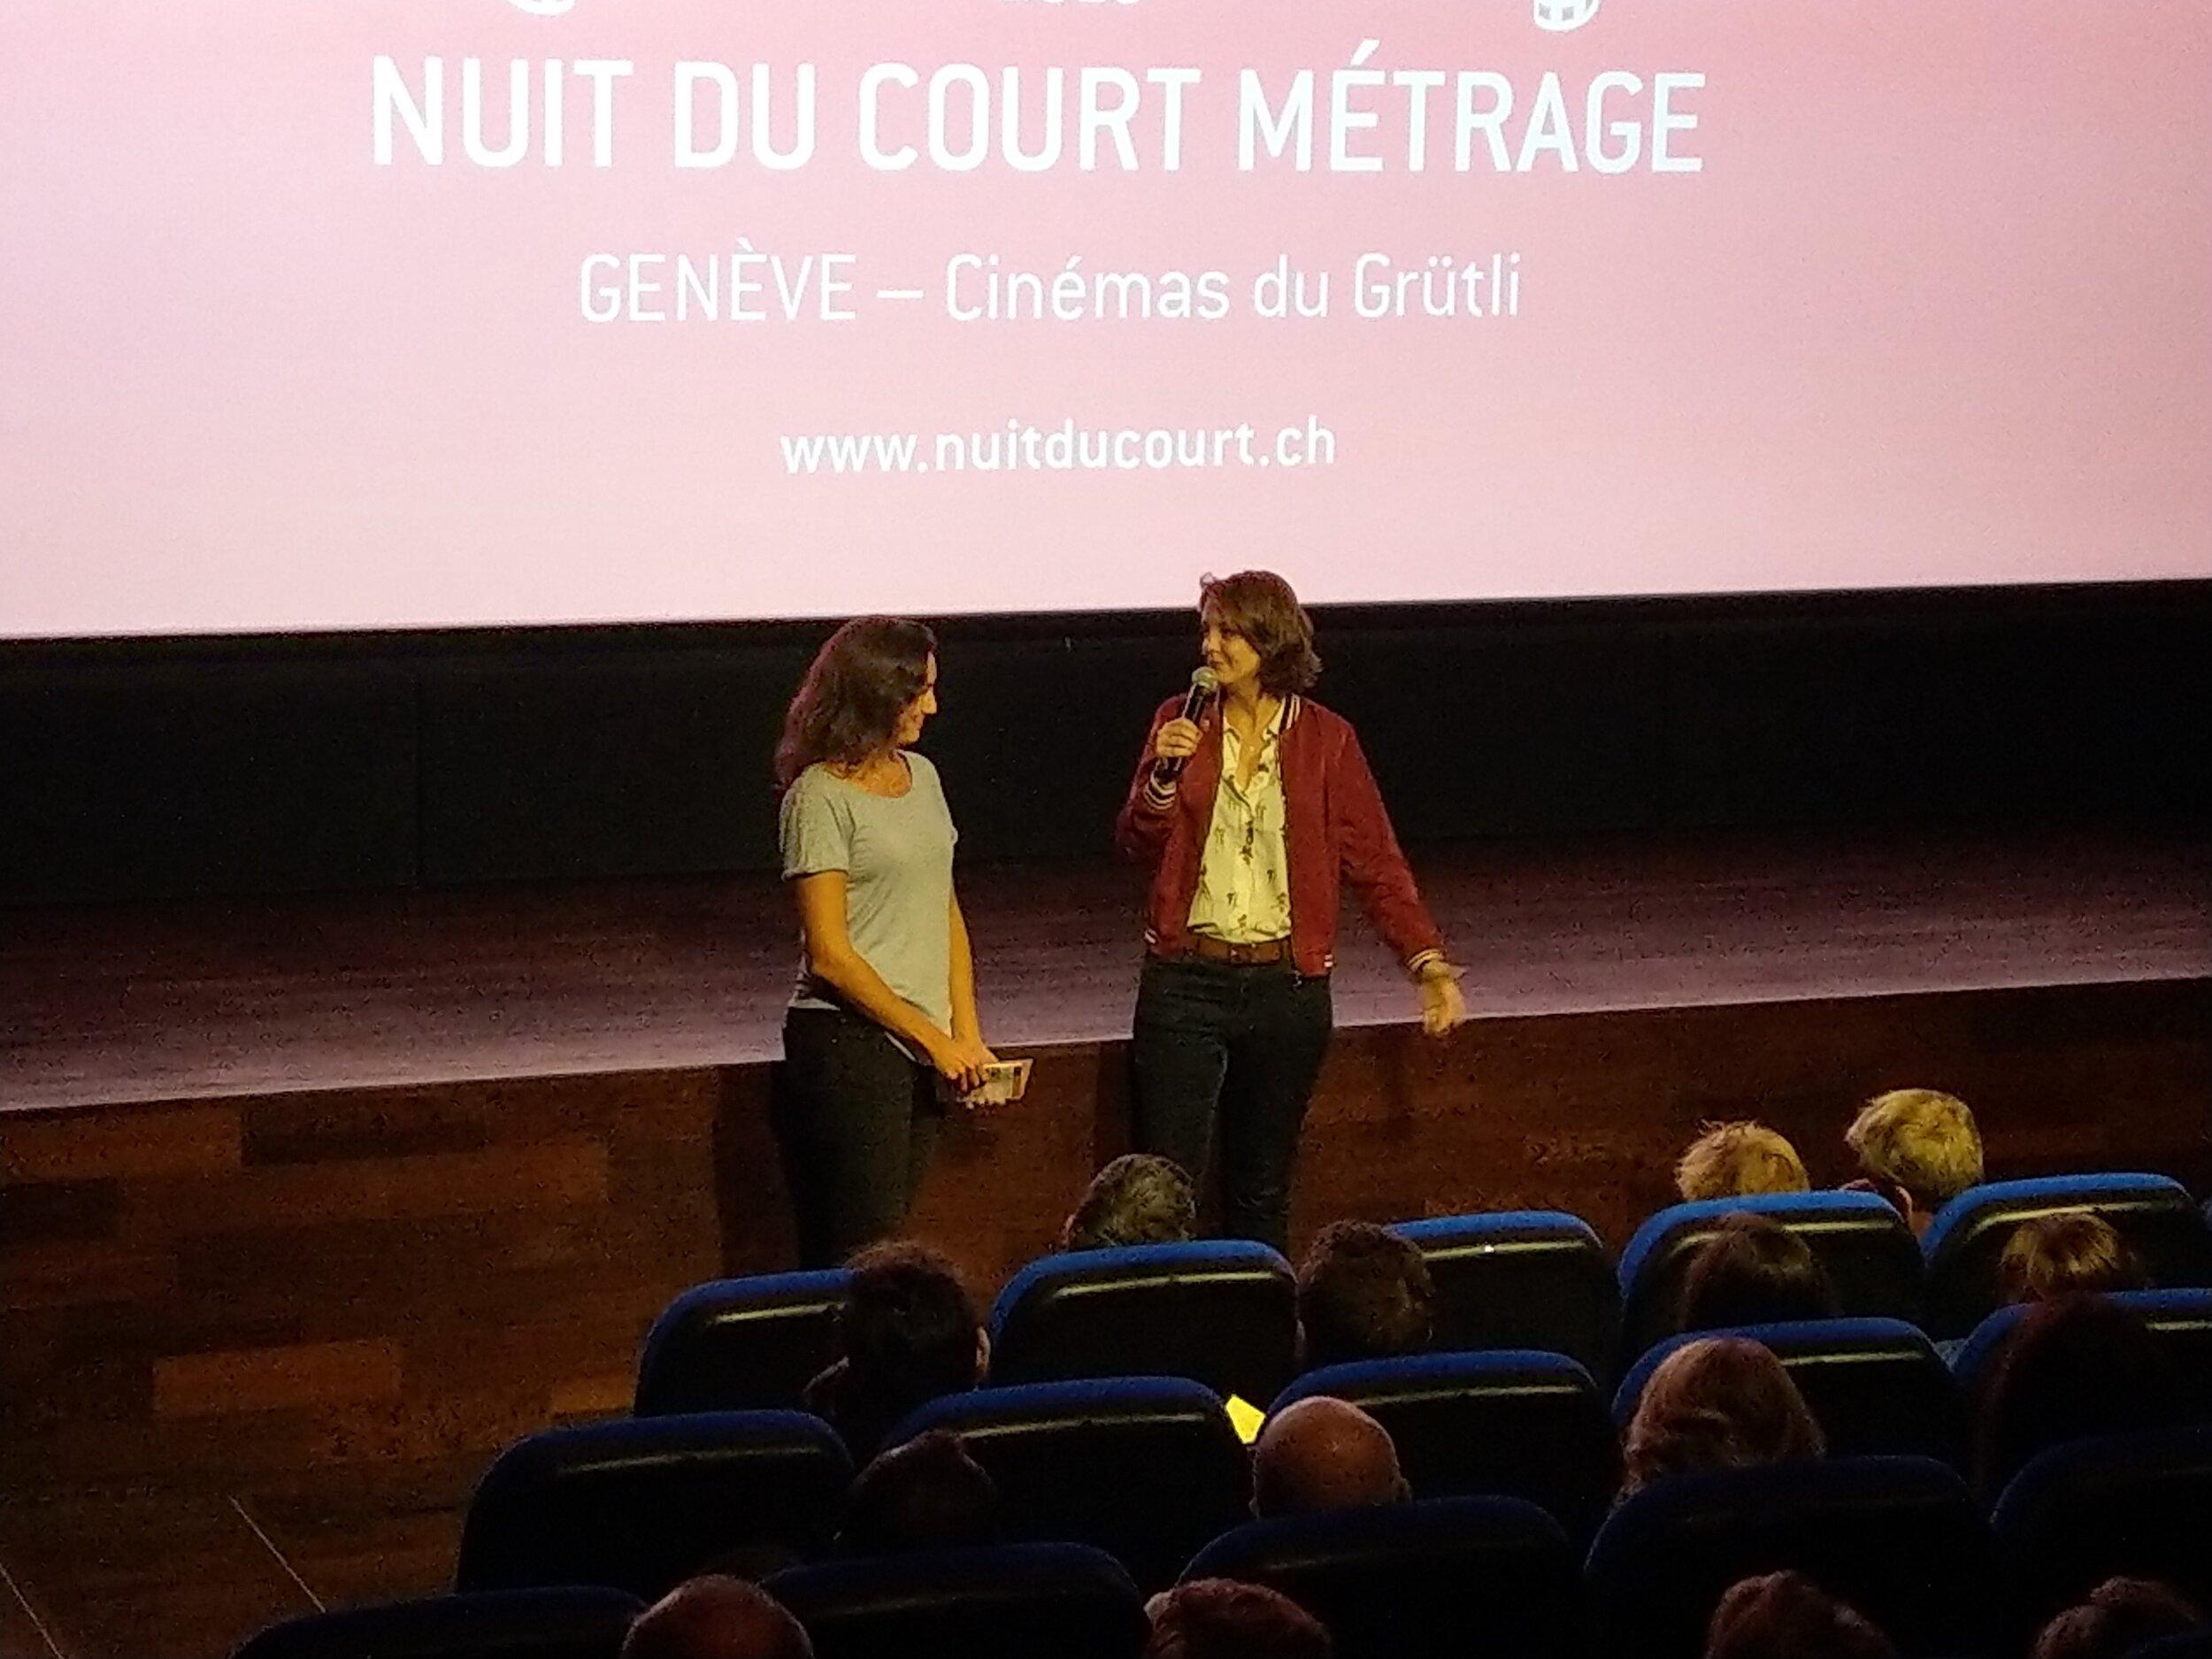 2019-09-20 NDC Genève_09b.jpg